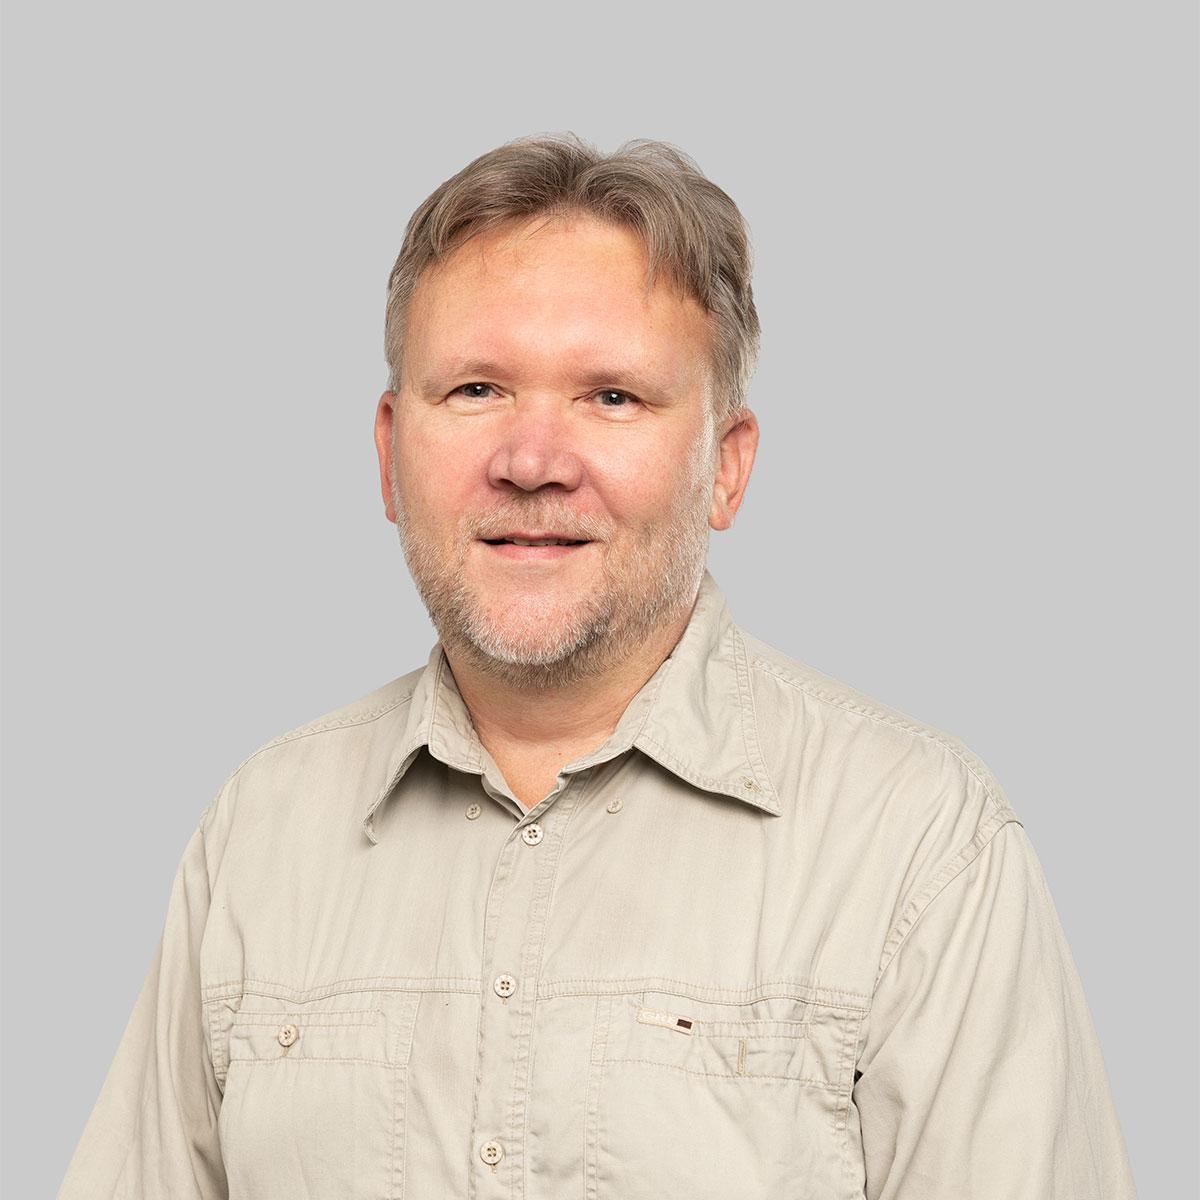 György Juhász